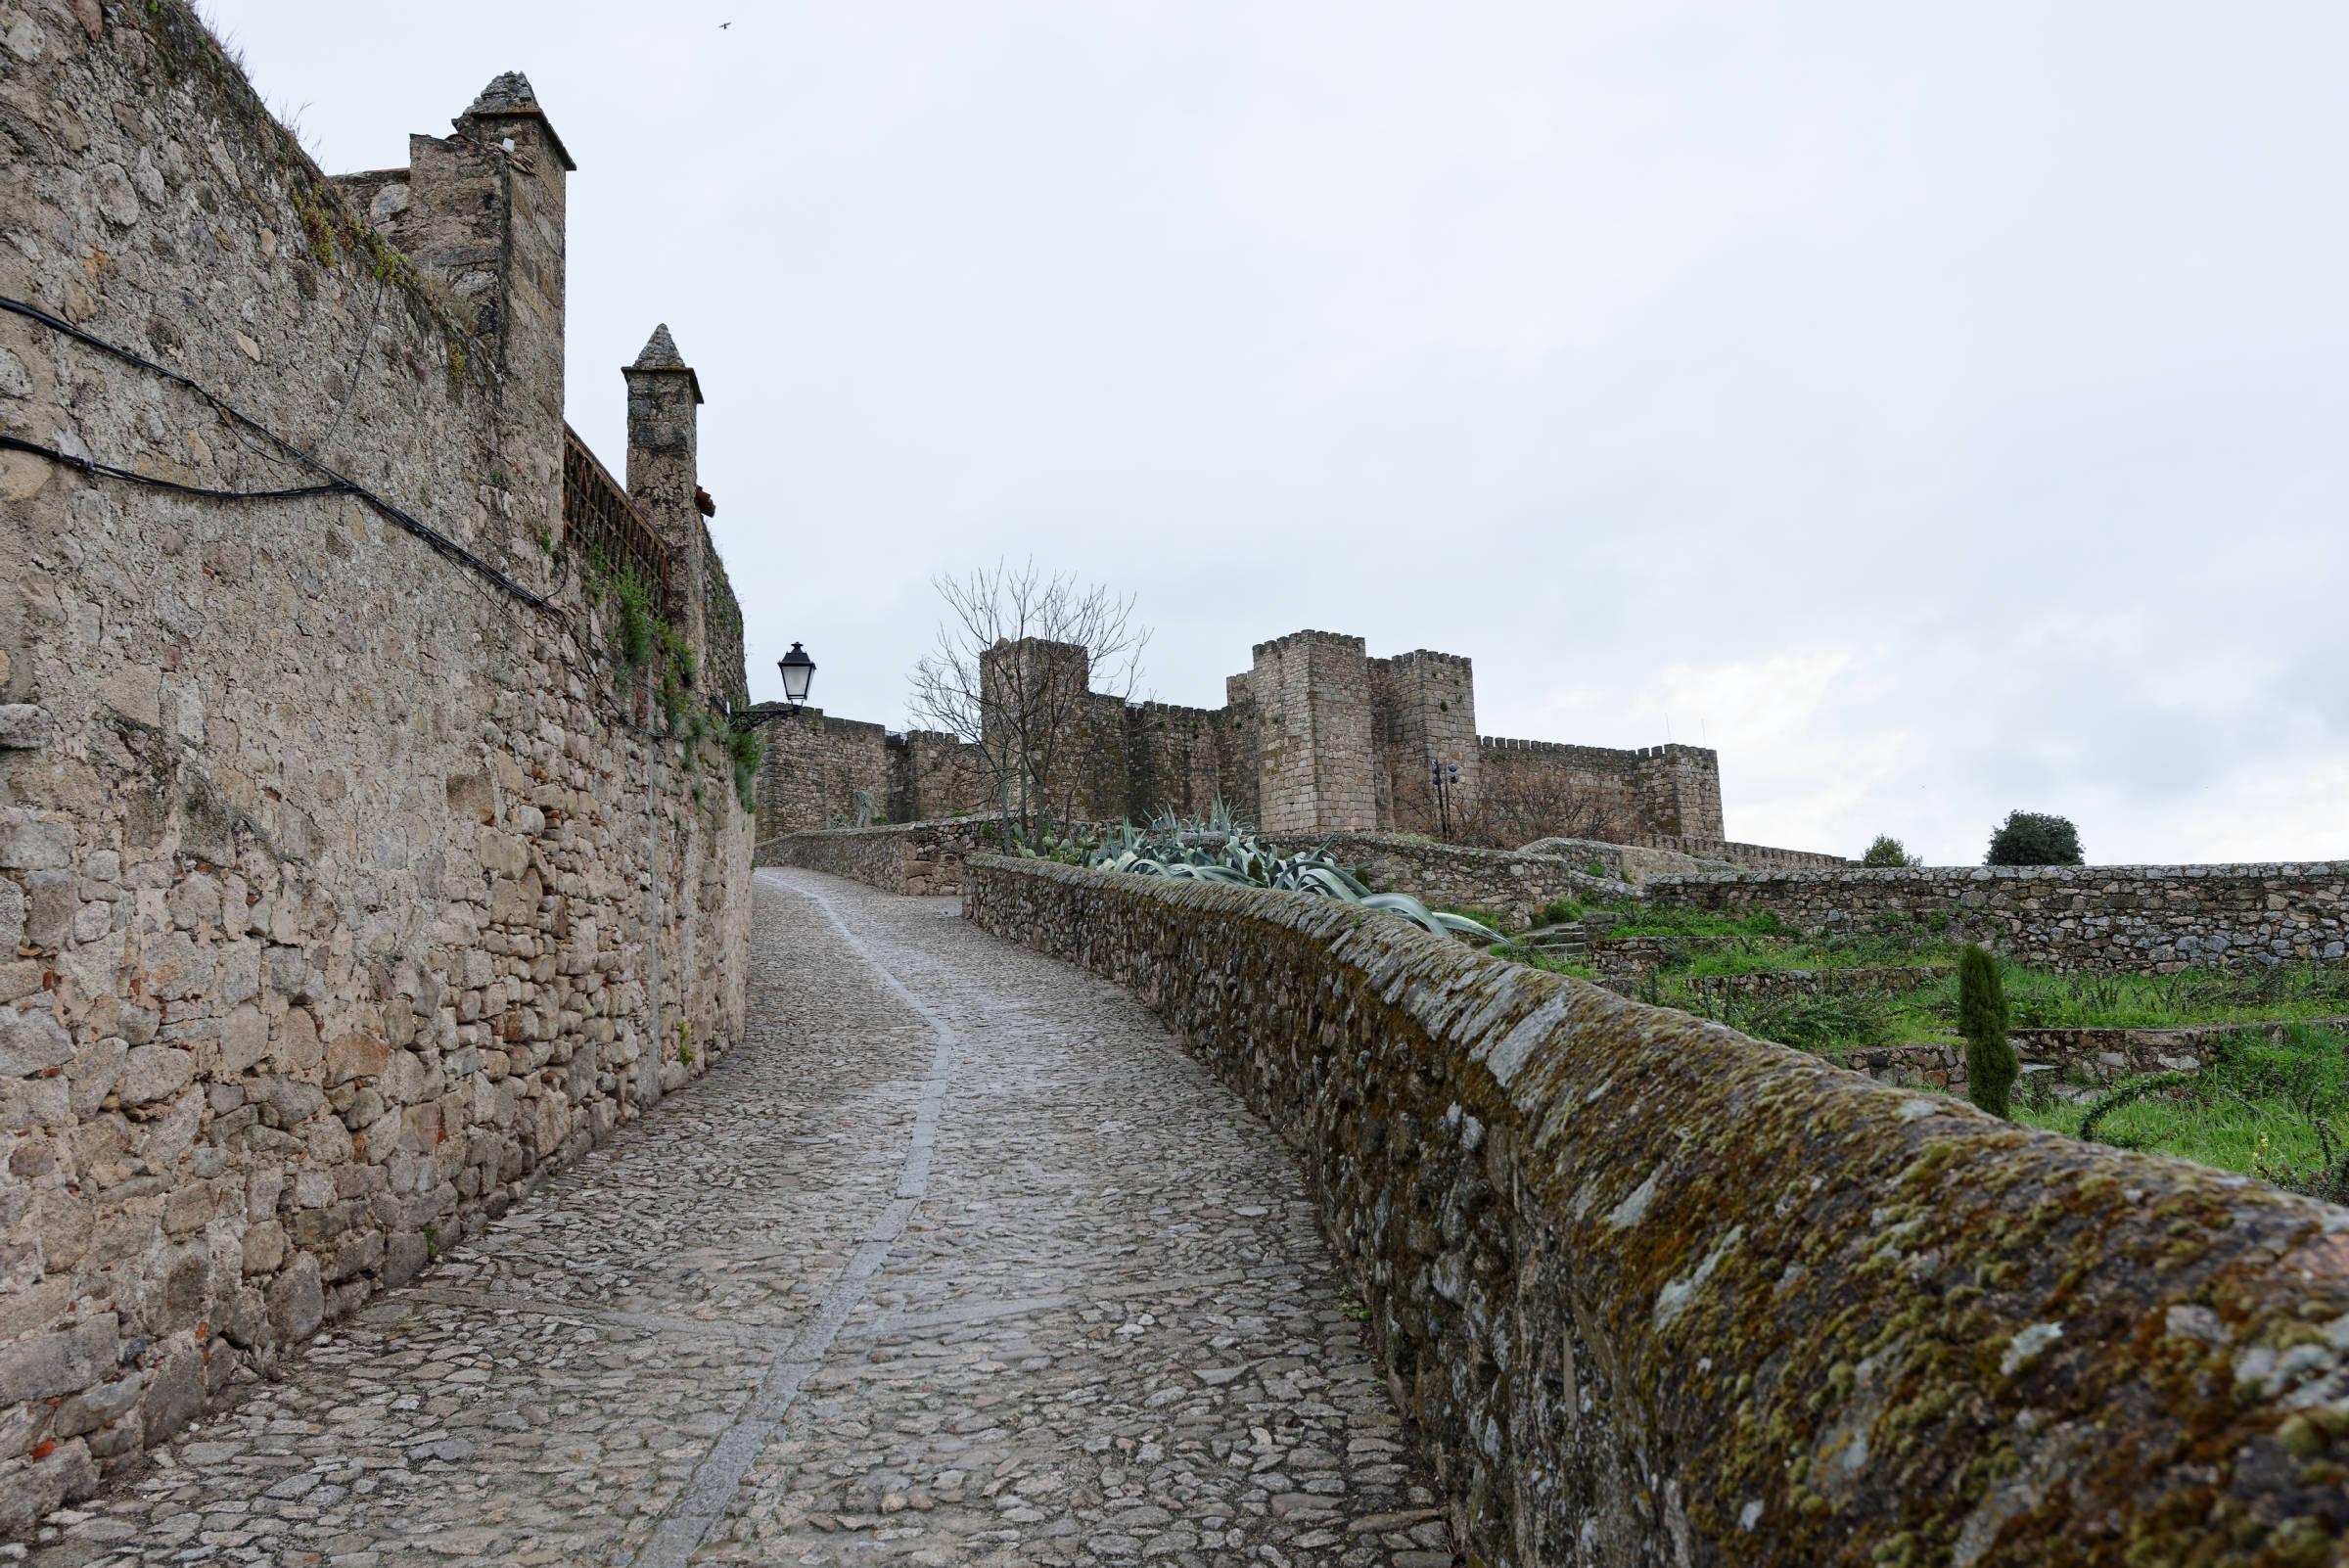 160416-Trujillo (Estremadure) (23)